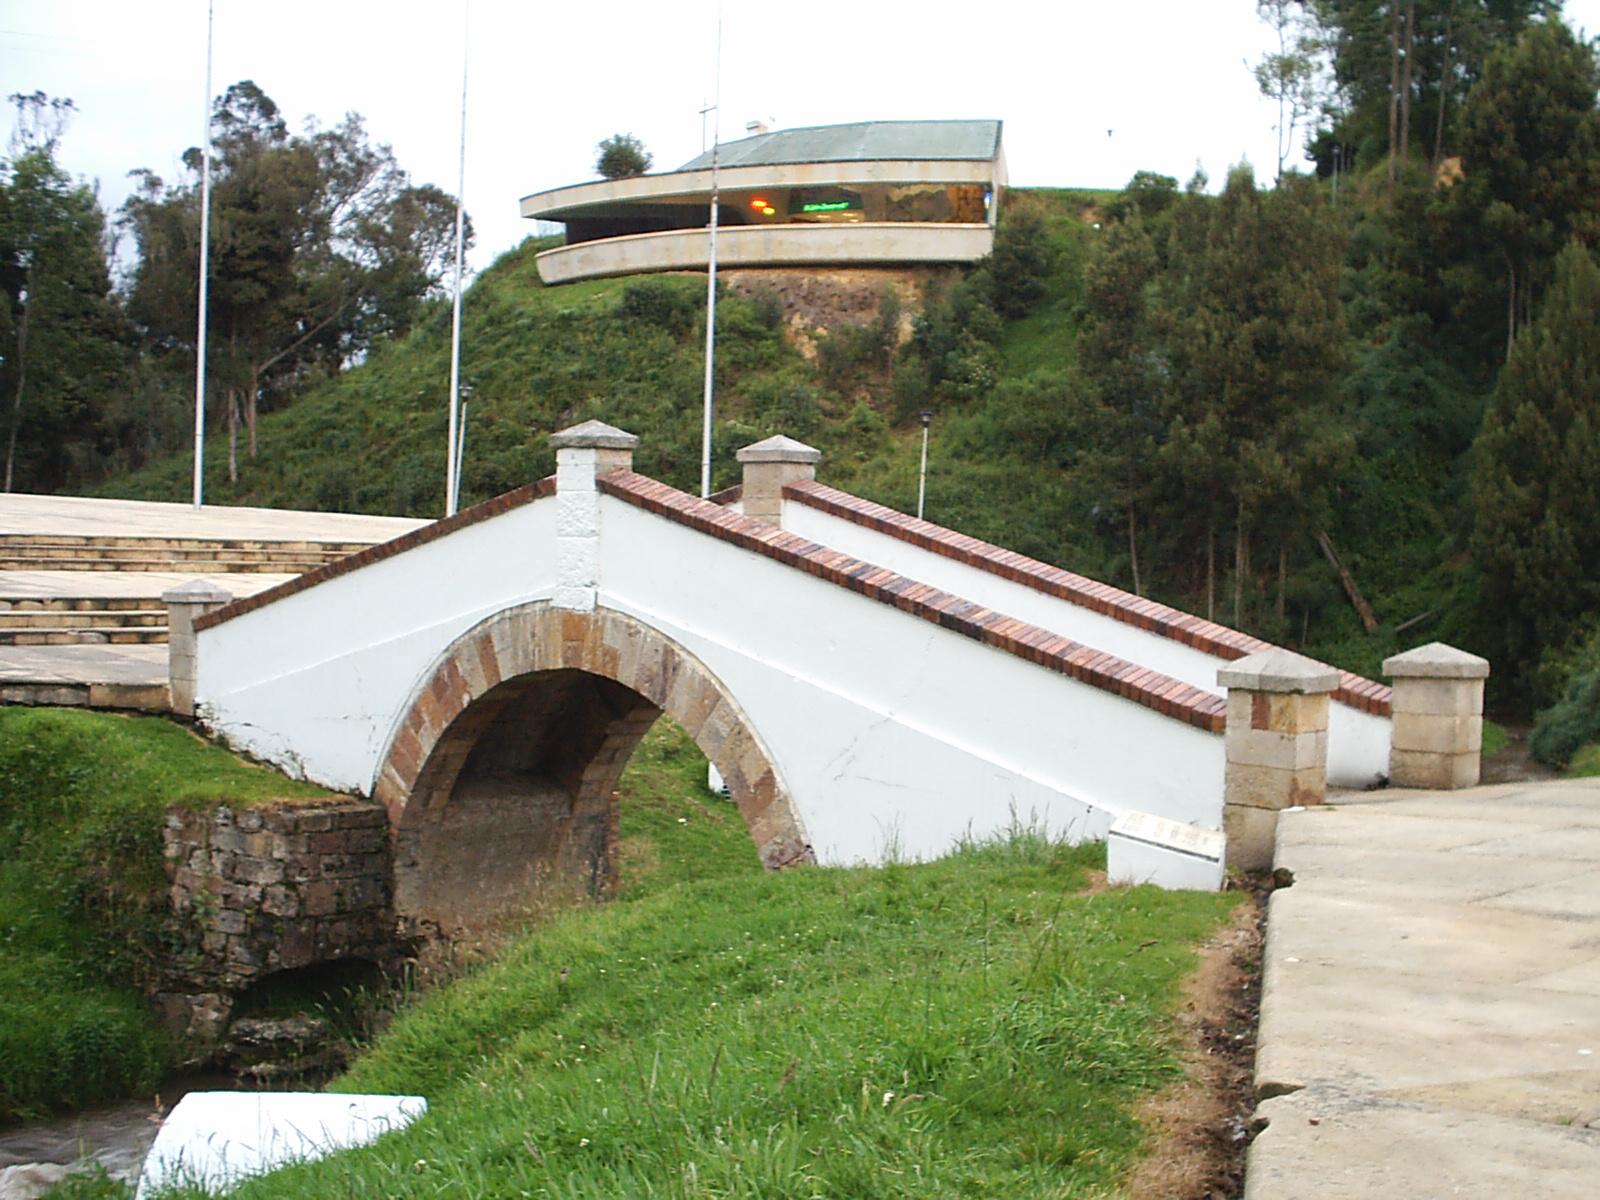 File:Puente de Boyaca 1 JPG - Wikimedia Commons